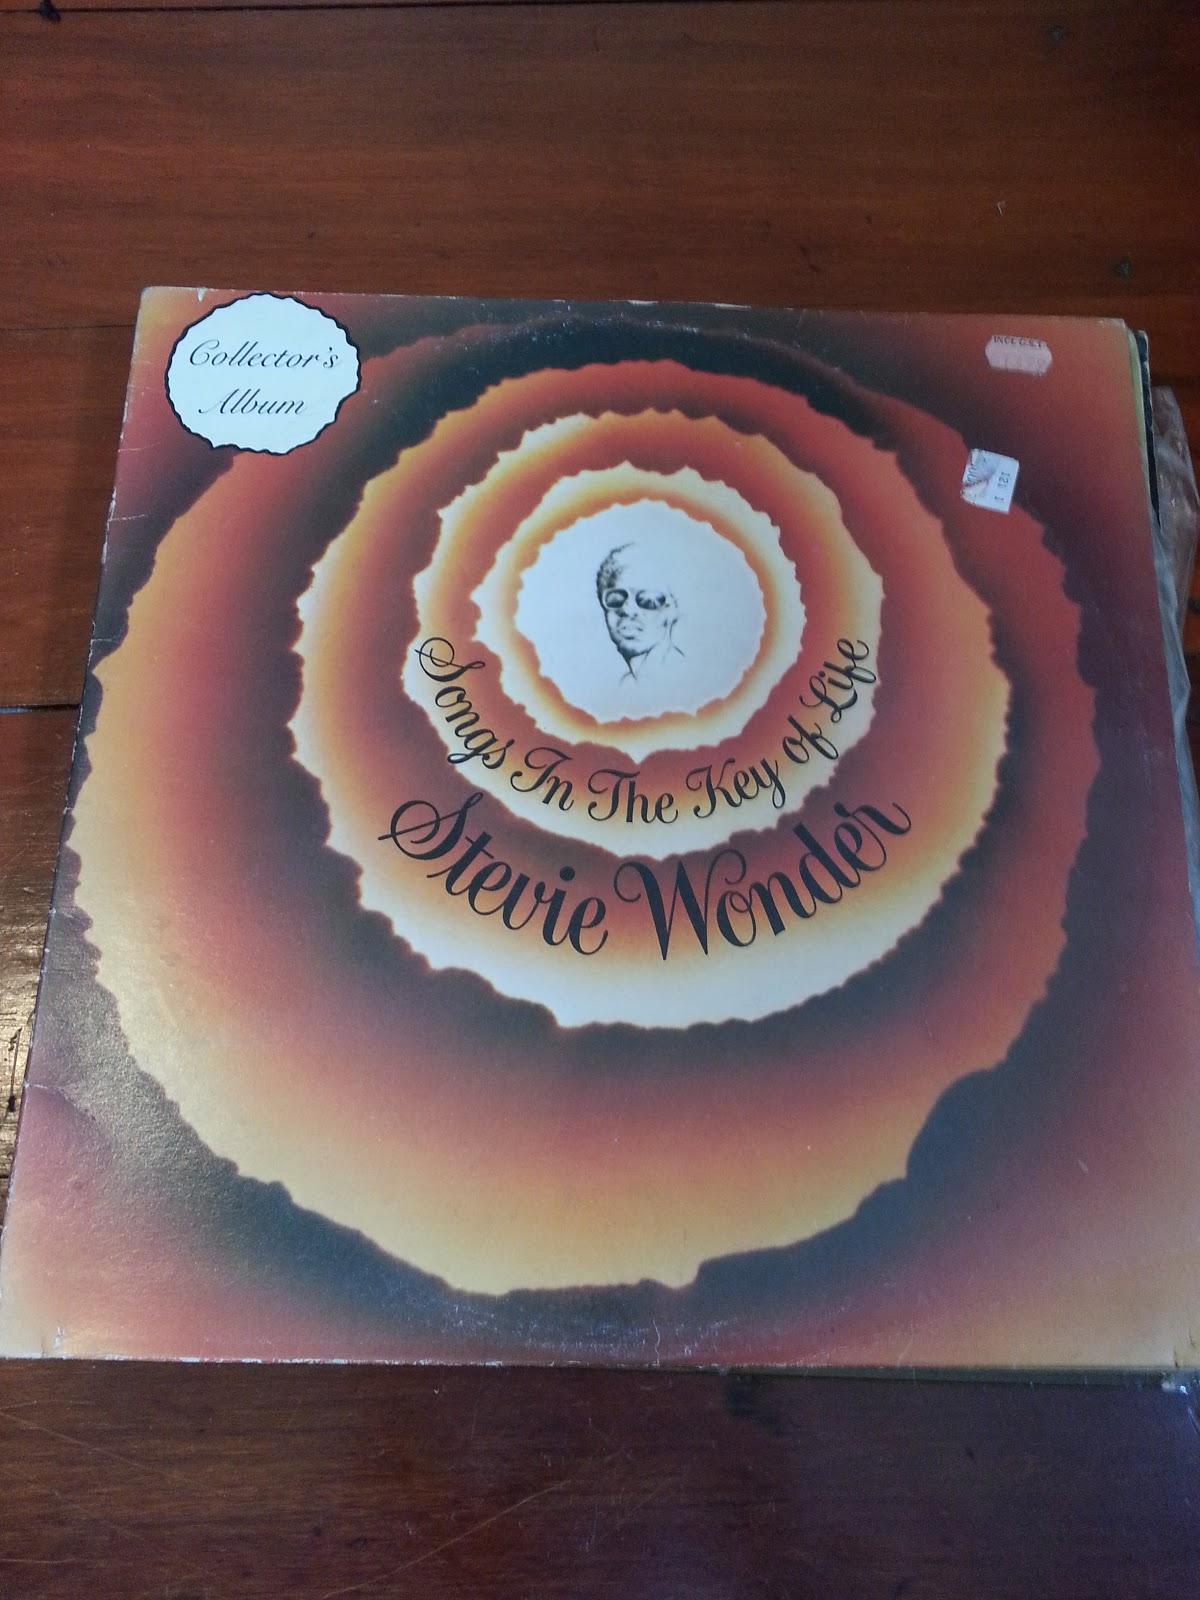 Vinylology November 2012